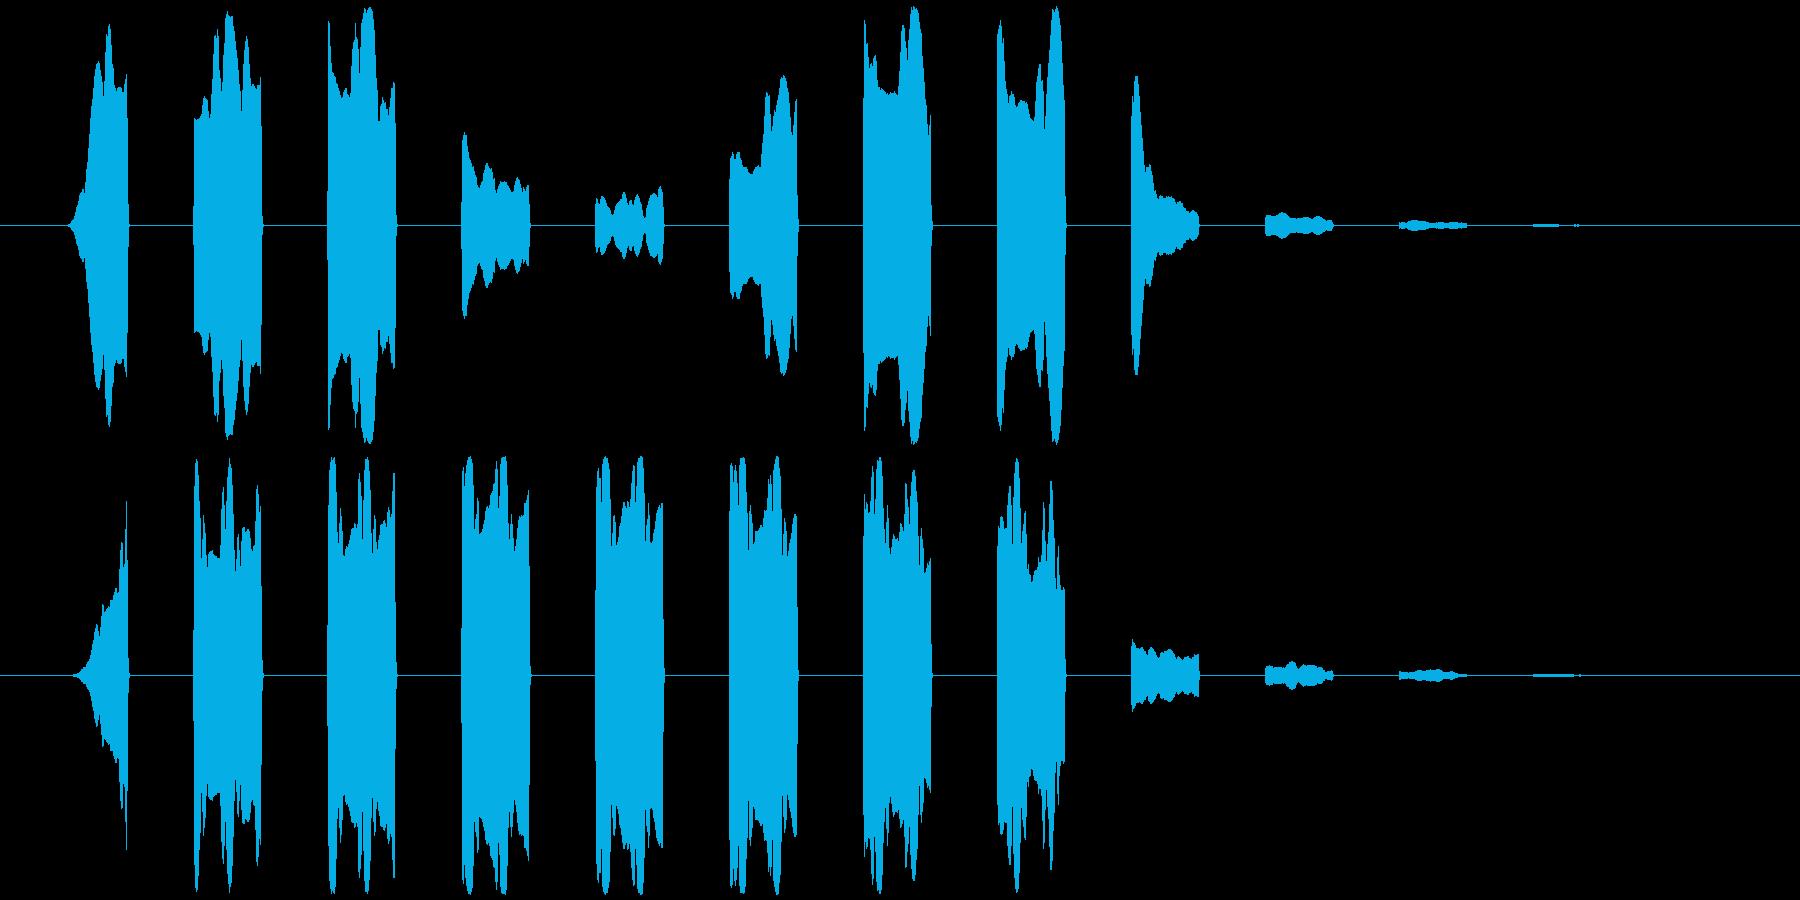 パッの連音(通り過ぎる感じの音)の再生済みの波形